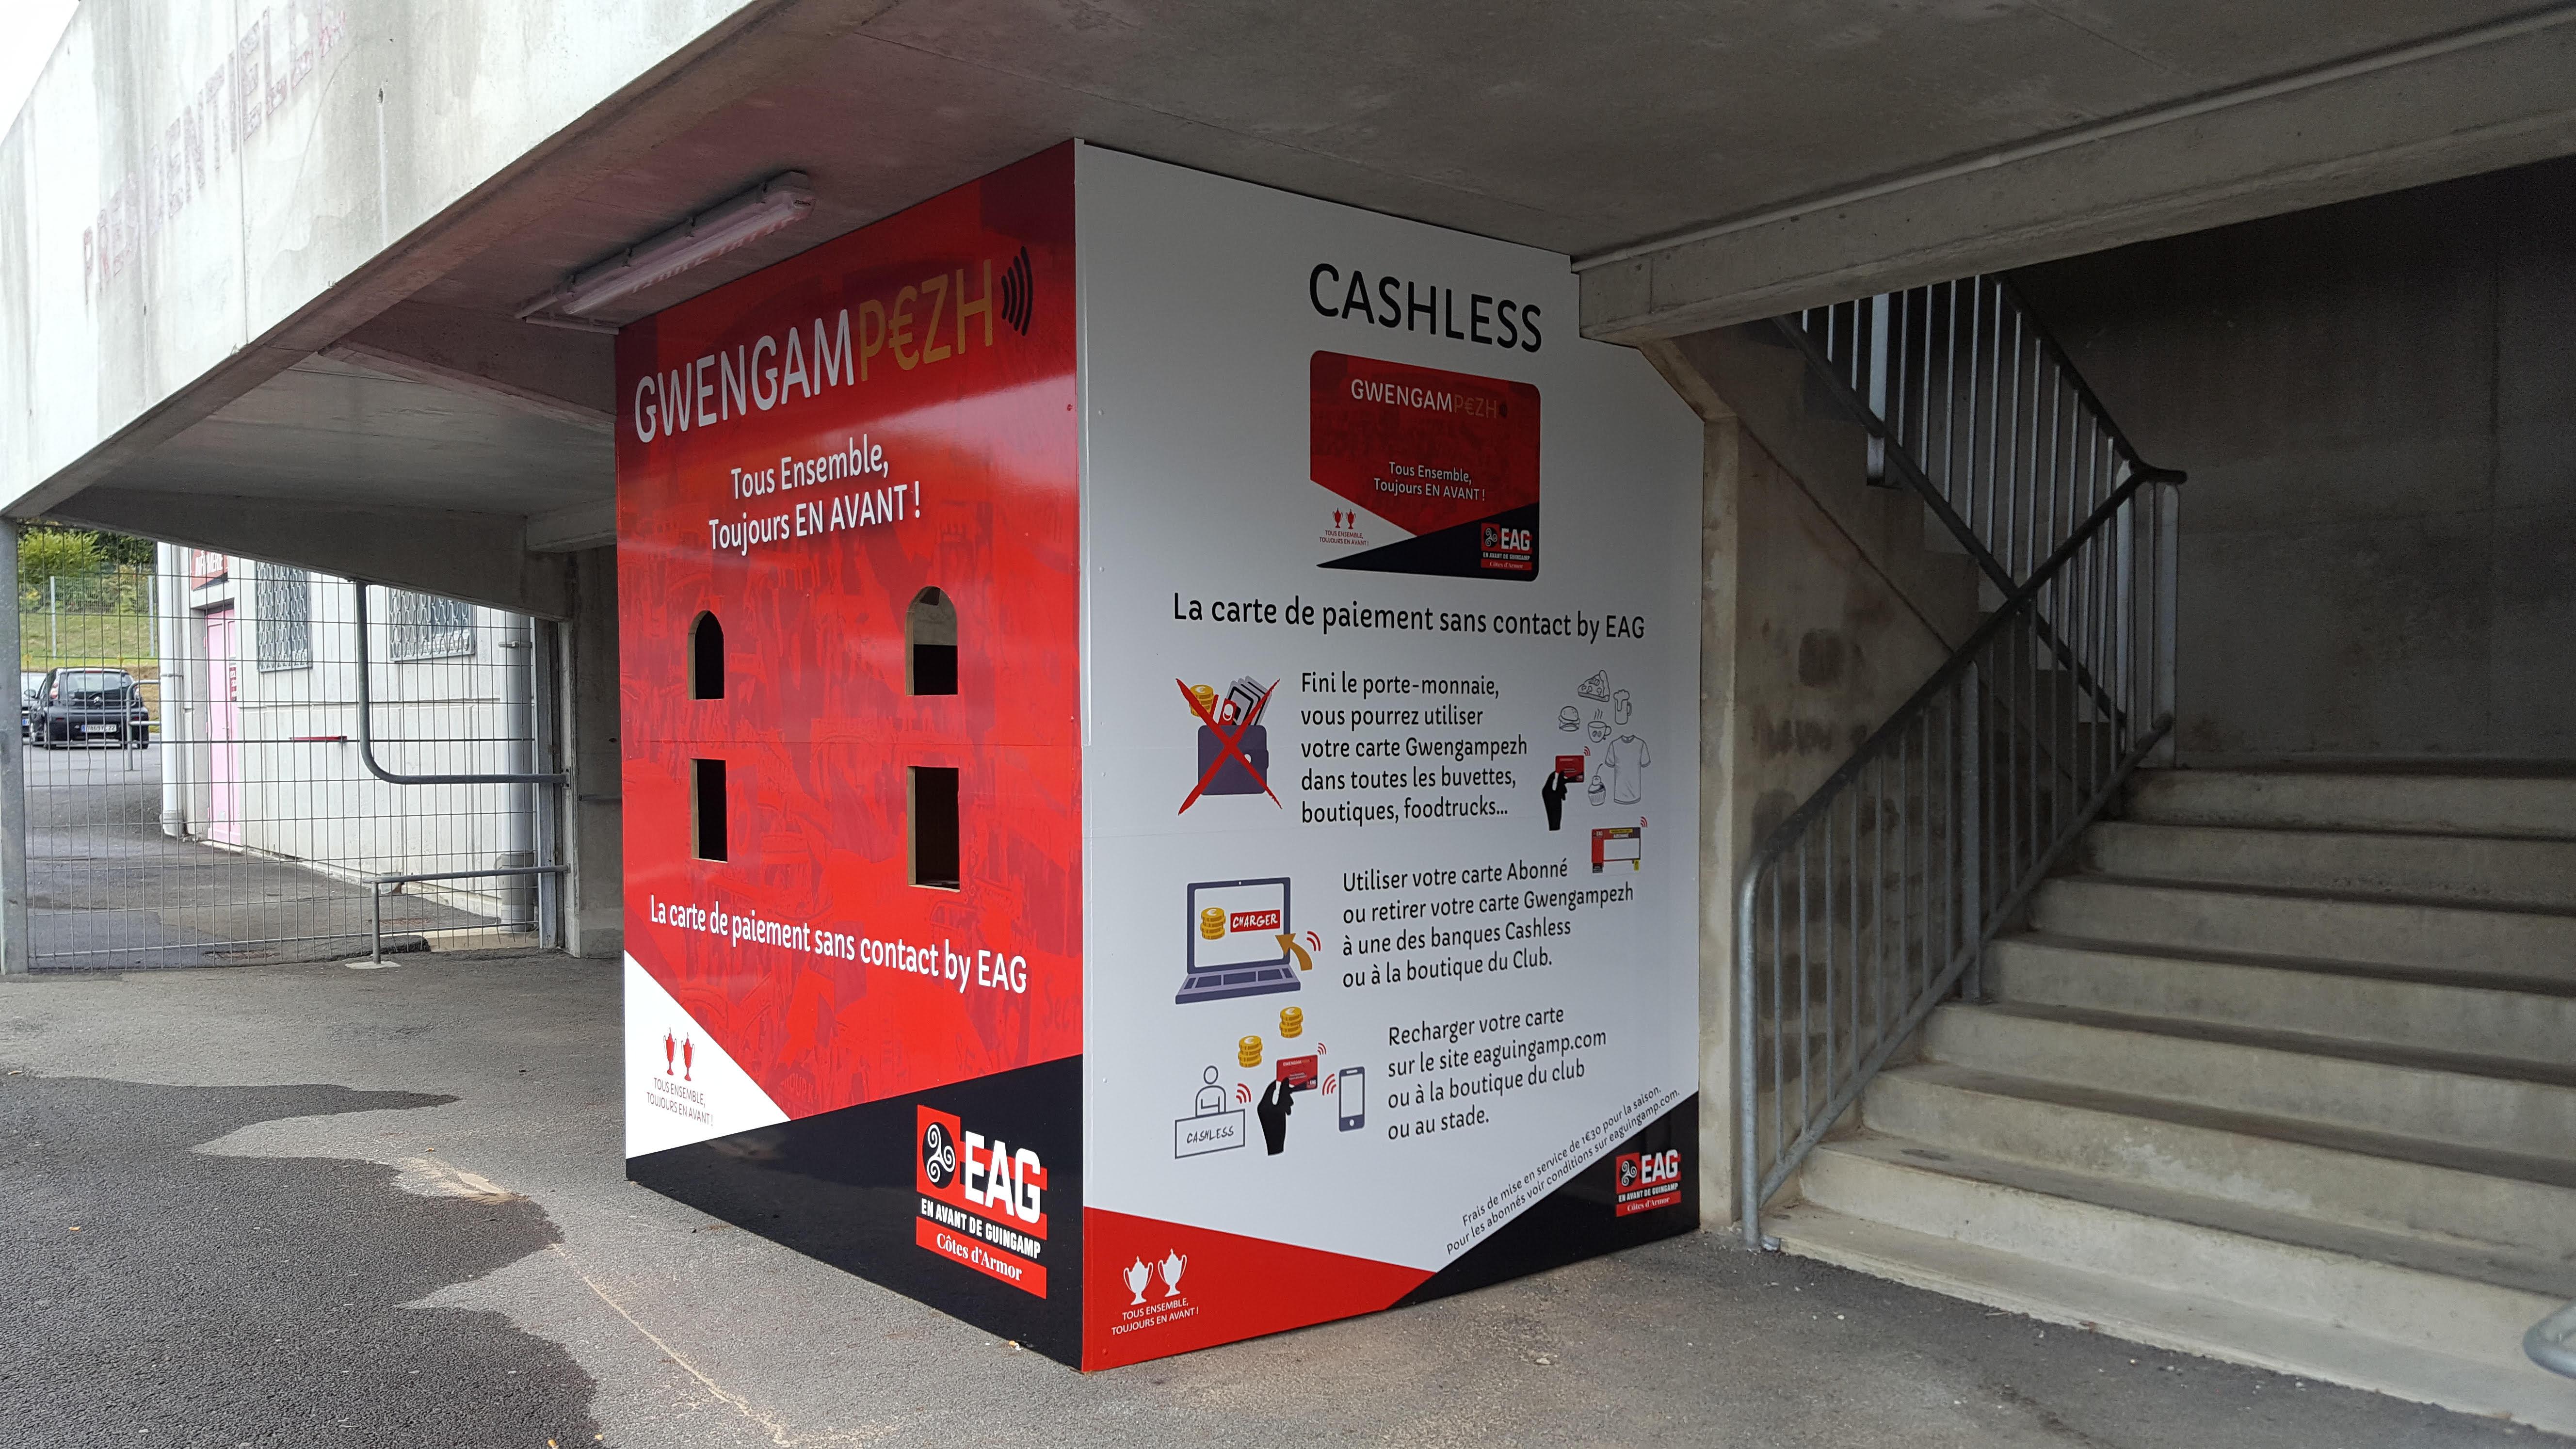 Une banque cashless au stade du Roudourou